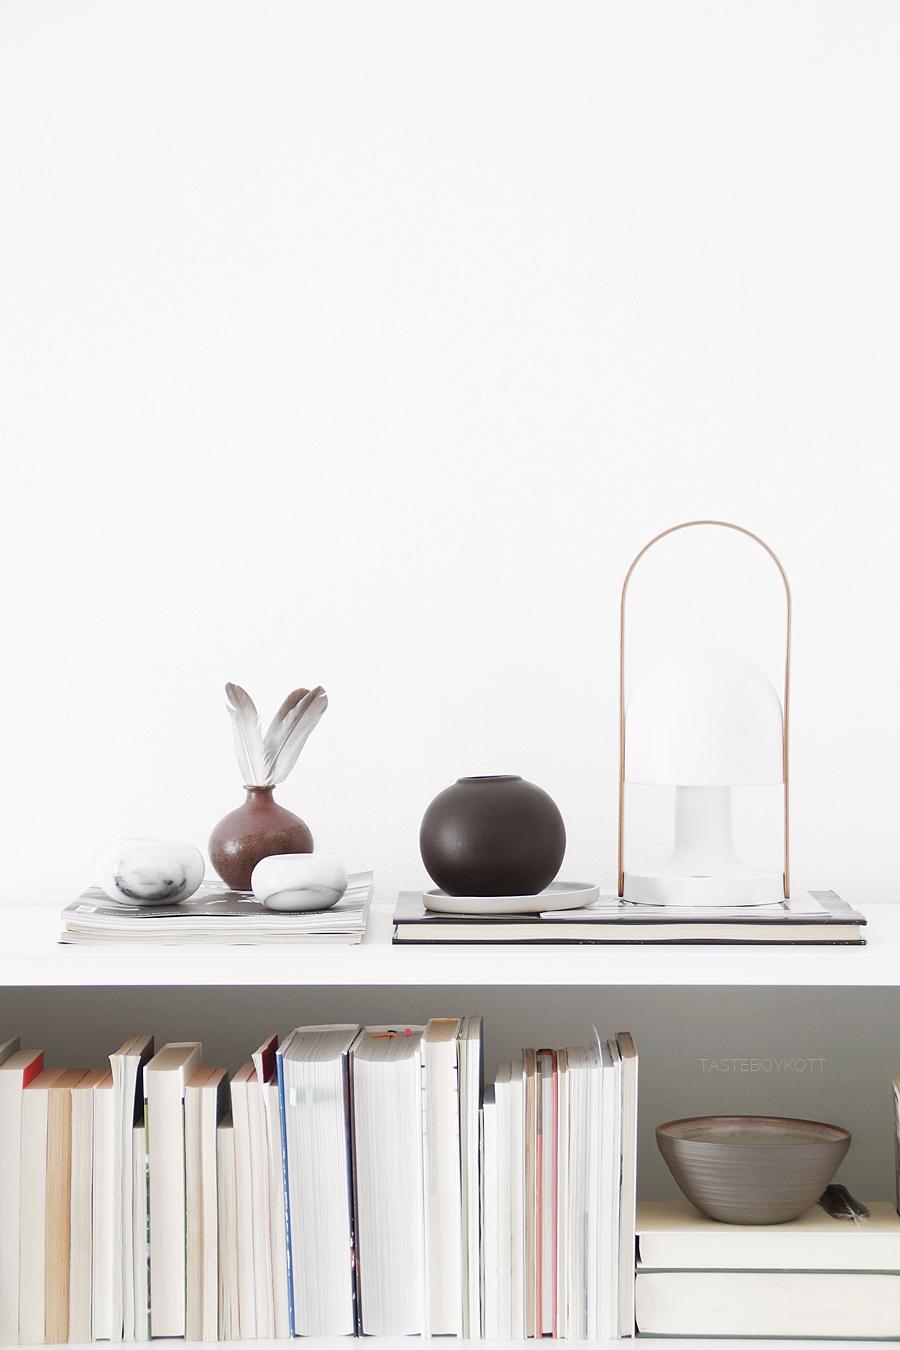 NEW IN: Vintage-Deko auf dem Bücherregal. Wohnideen Wohninspiration Tasteboykott Wohnblog.